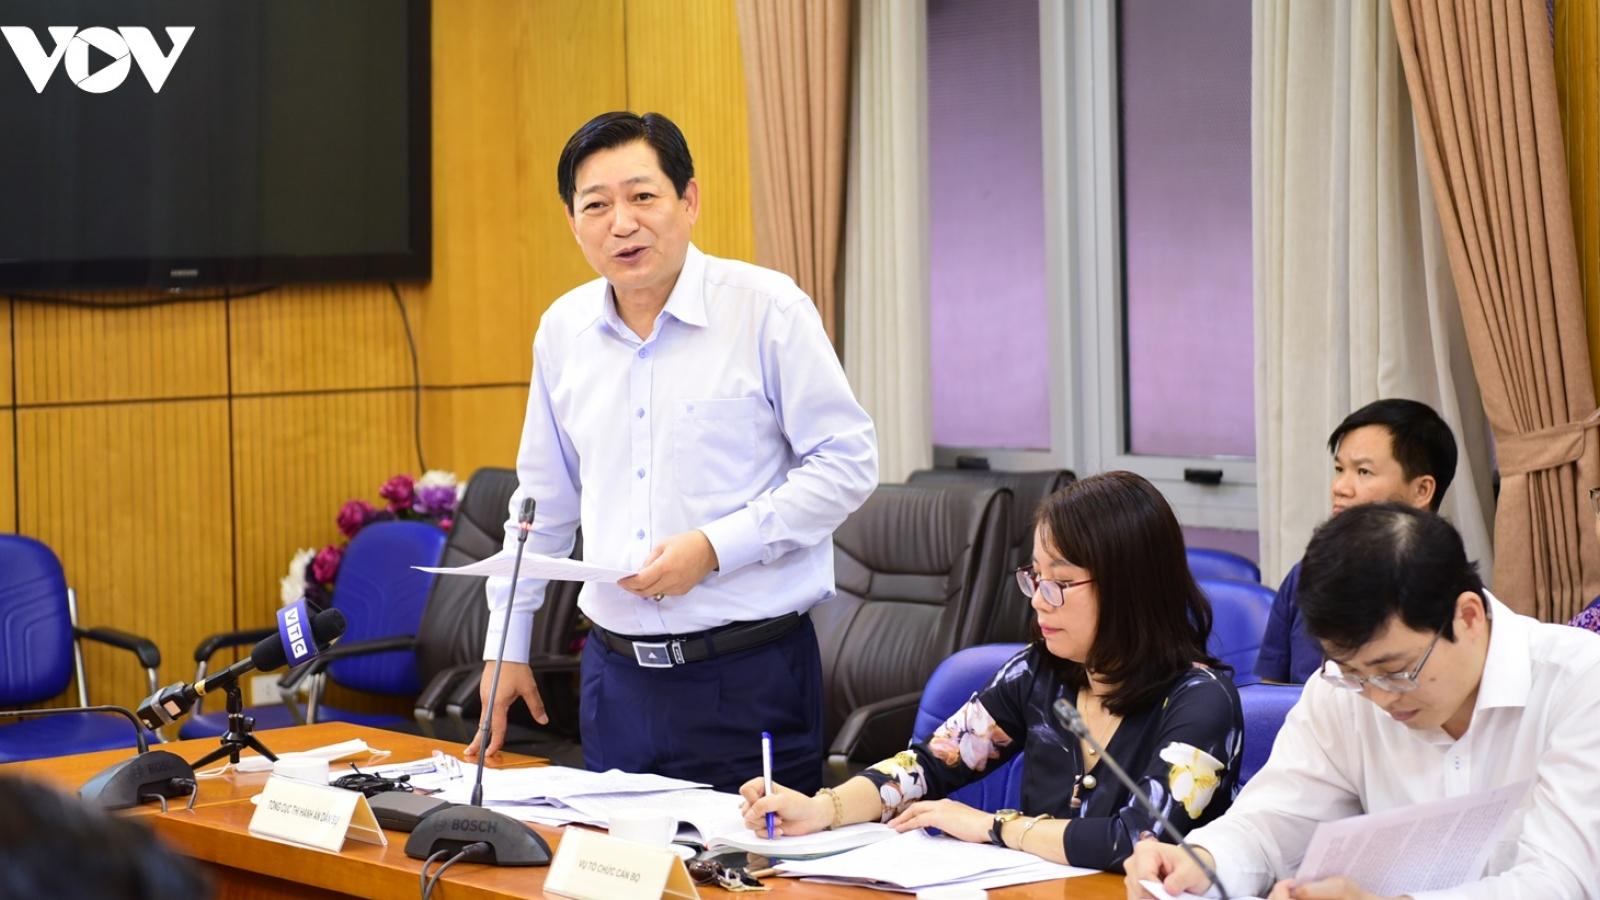 Ông Đinh La Thăng đã bồi thường thiệt hại 4,5 tỷ đồng, còn phải khắc phục gần 600 tỷ